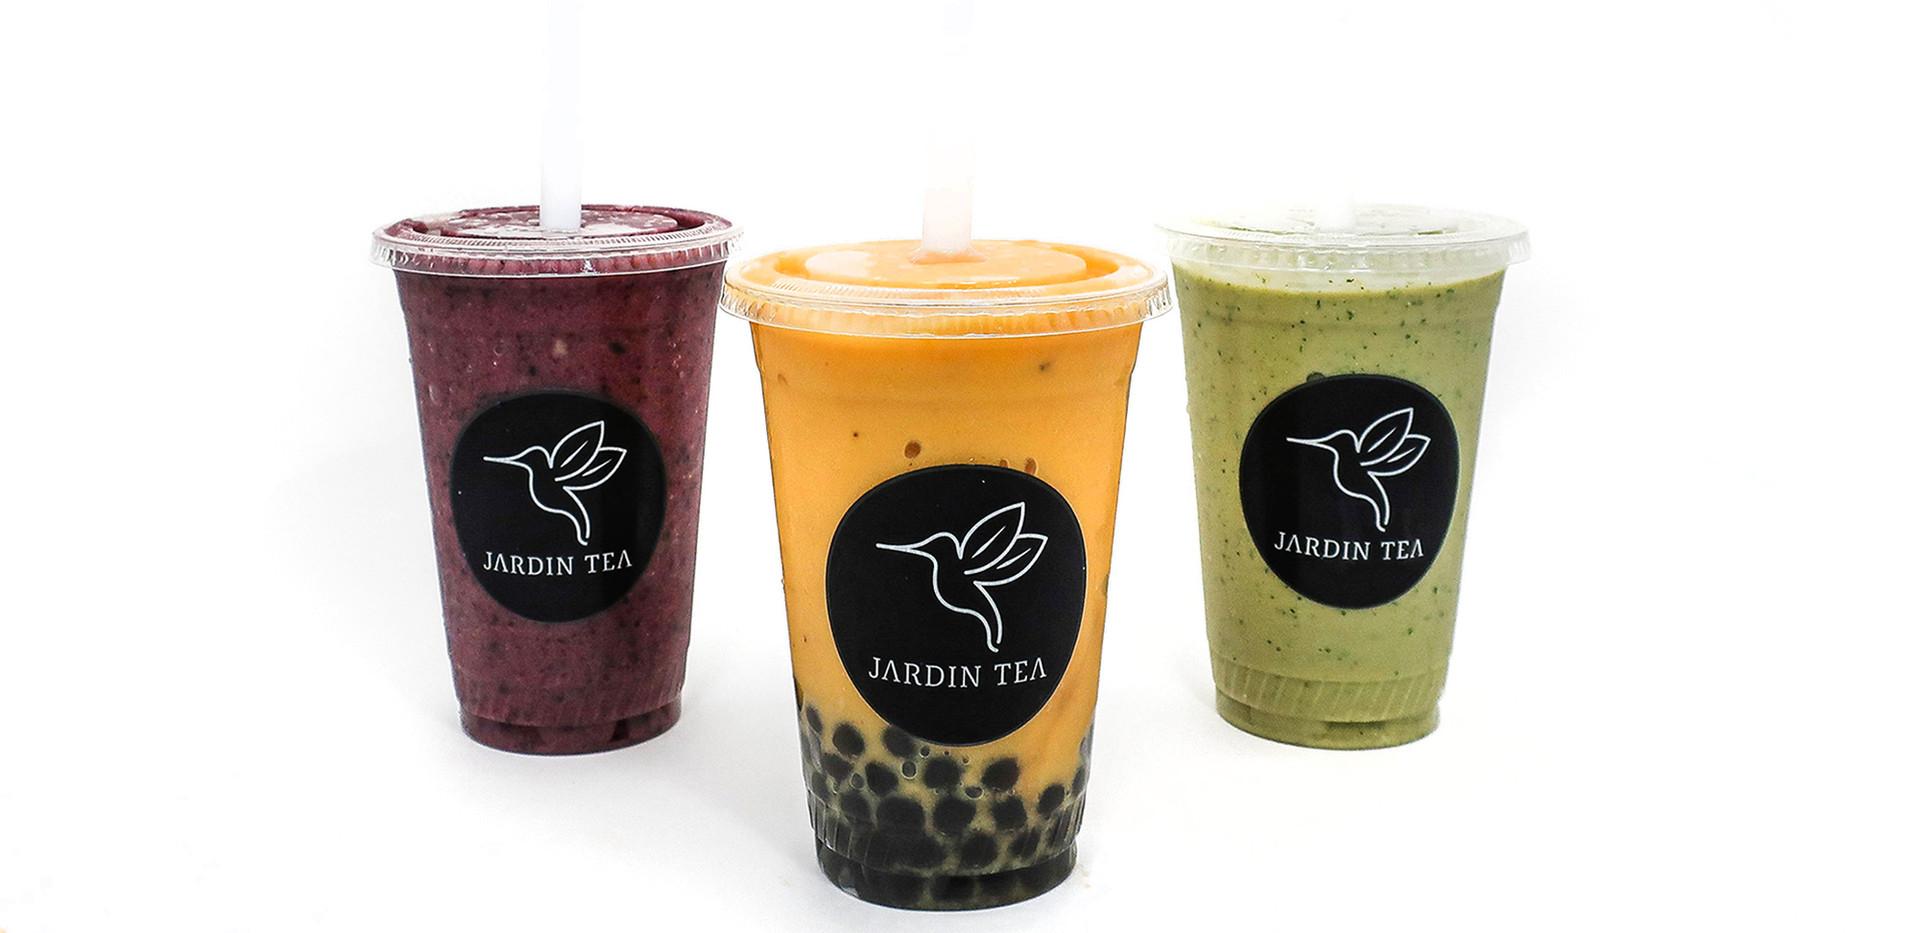 Jardin Tea Smoothie Drinks